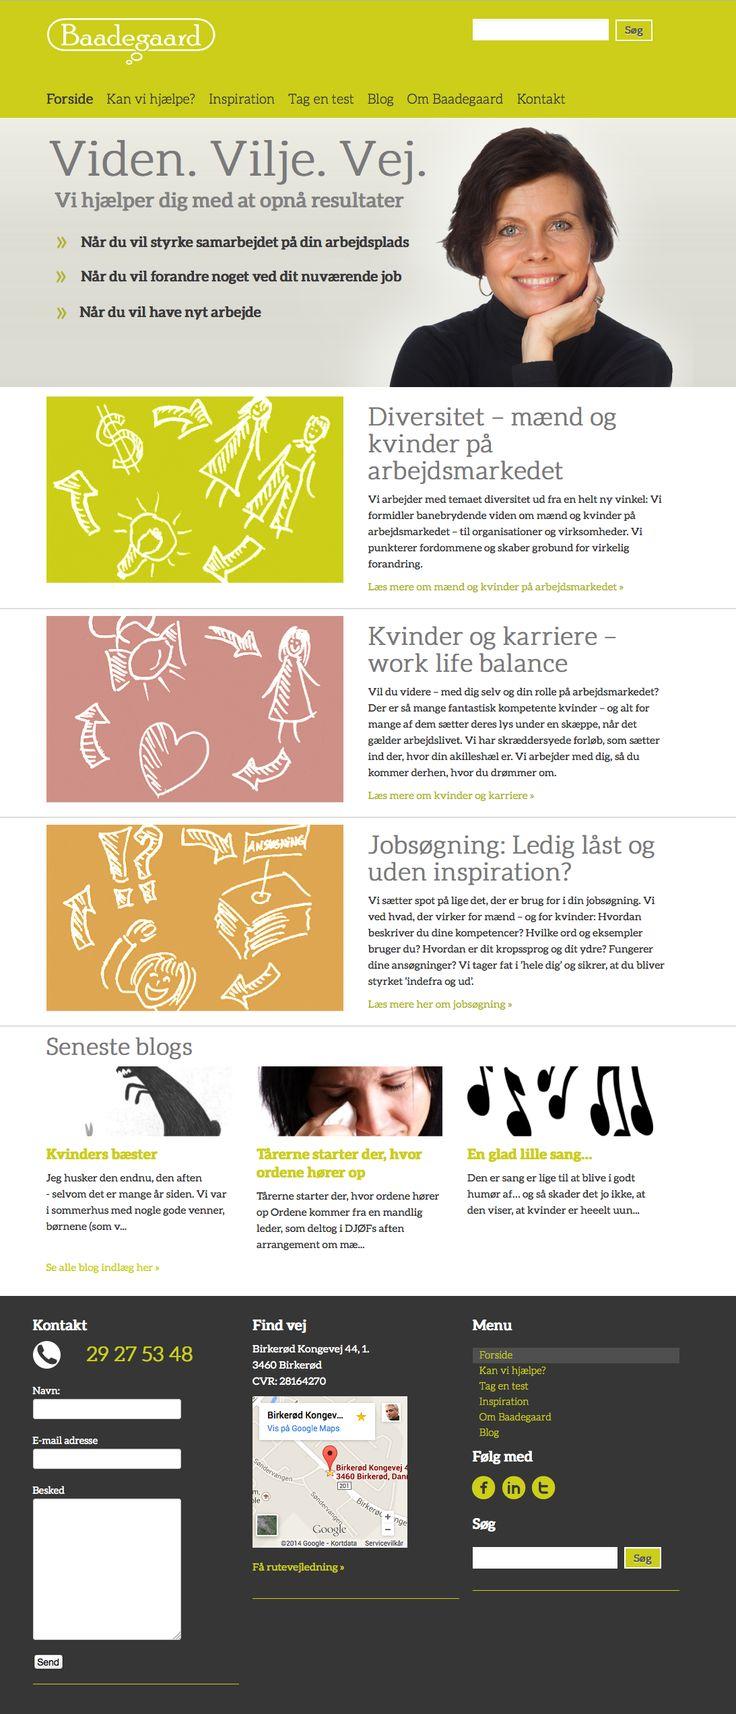 Responsiv webdesign for Birgitte Baadegaard | 2014